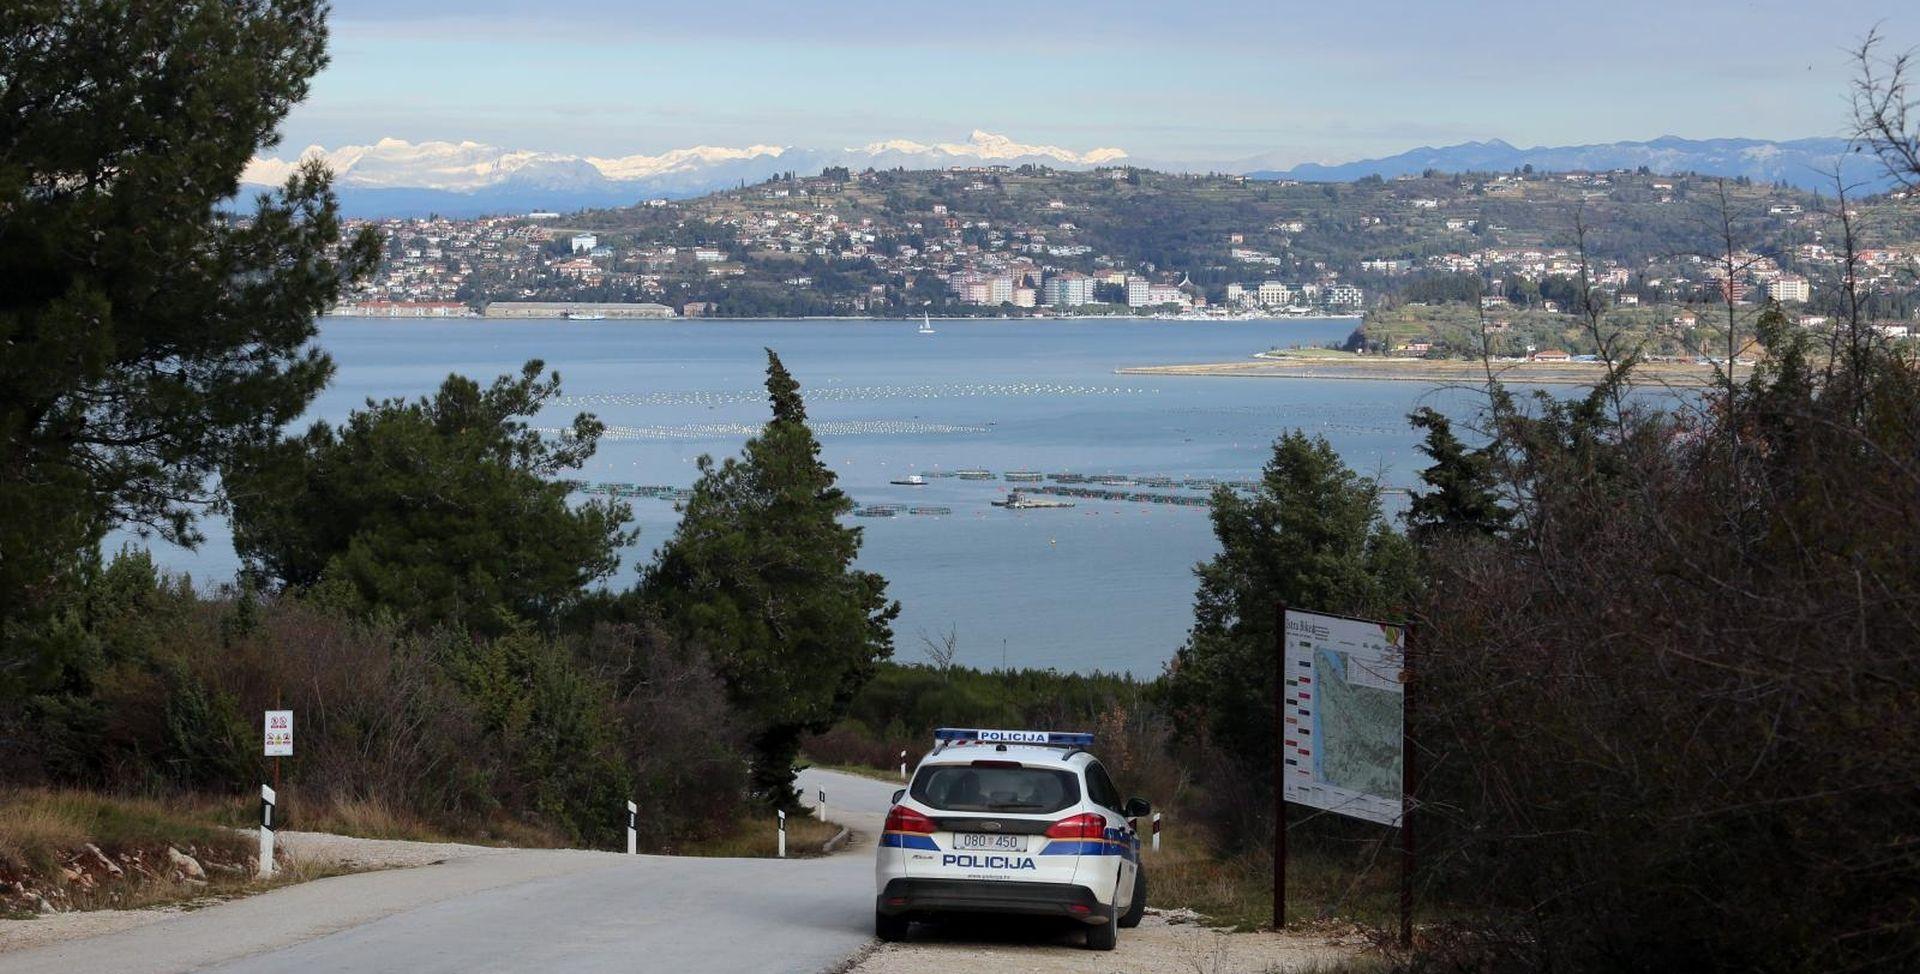 HRVATSKO-SLOVENSKI SPOR Piran podijeljen još u SFRJ